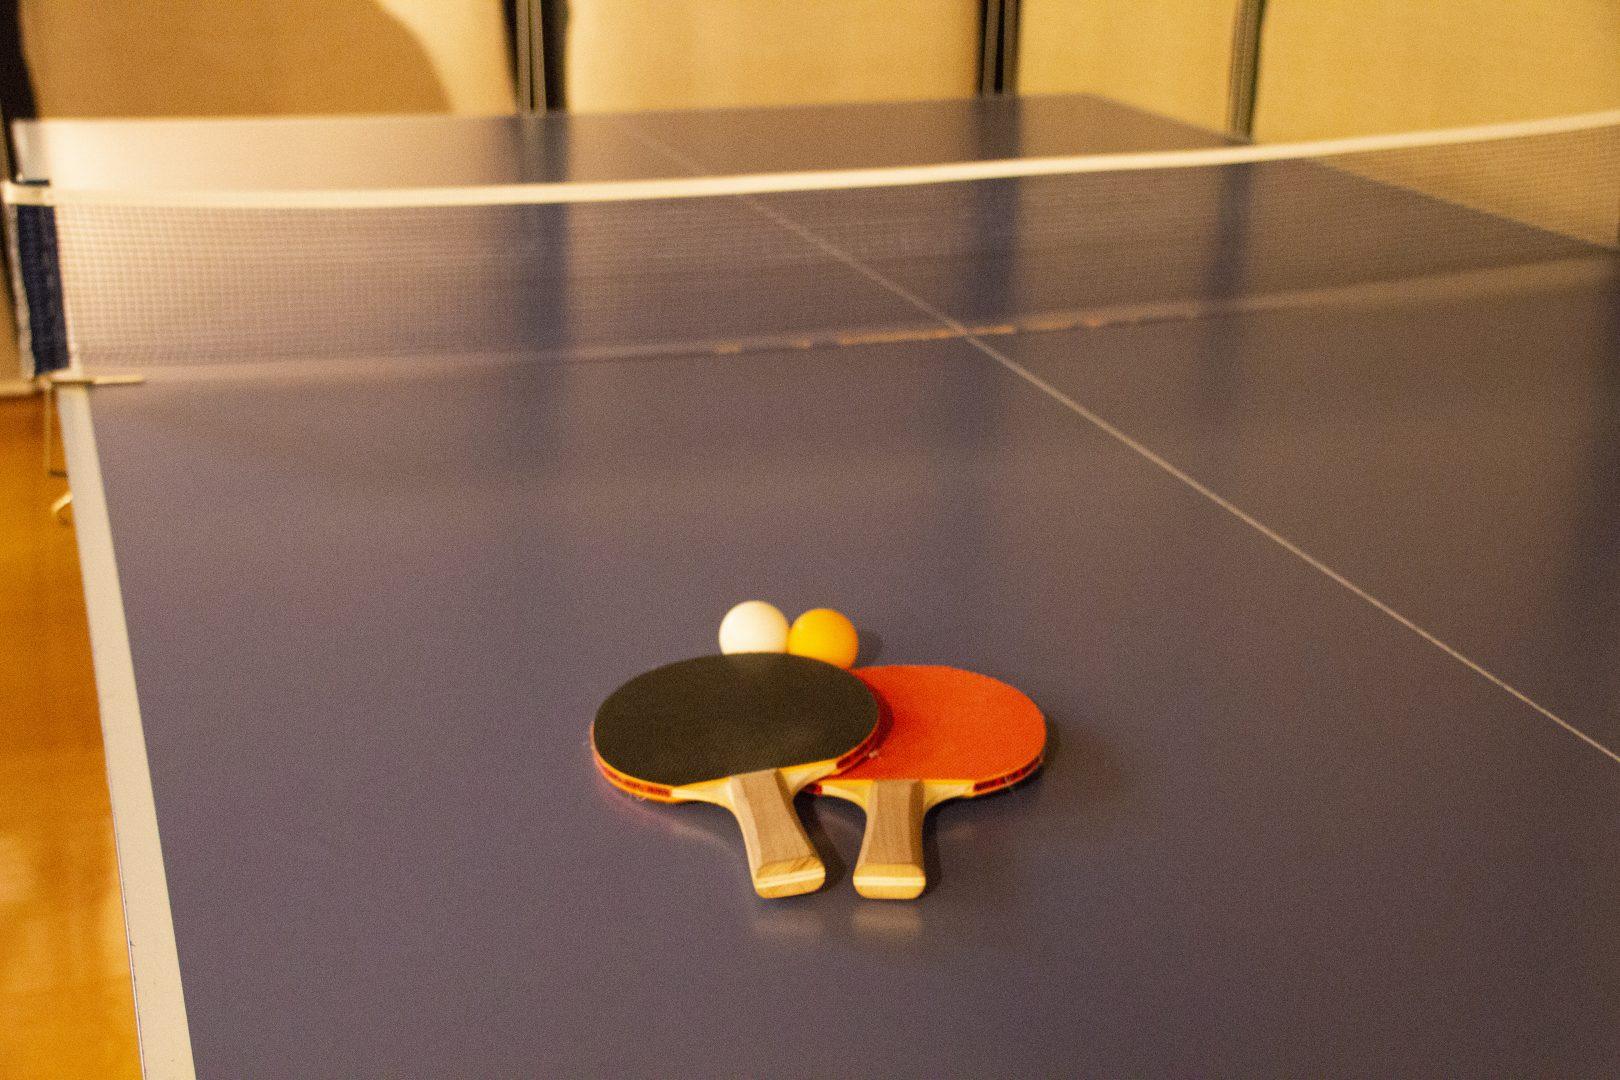 大江戸温泉物語、ラージボール卓球体験キャンペーン Nittakuと共同開催